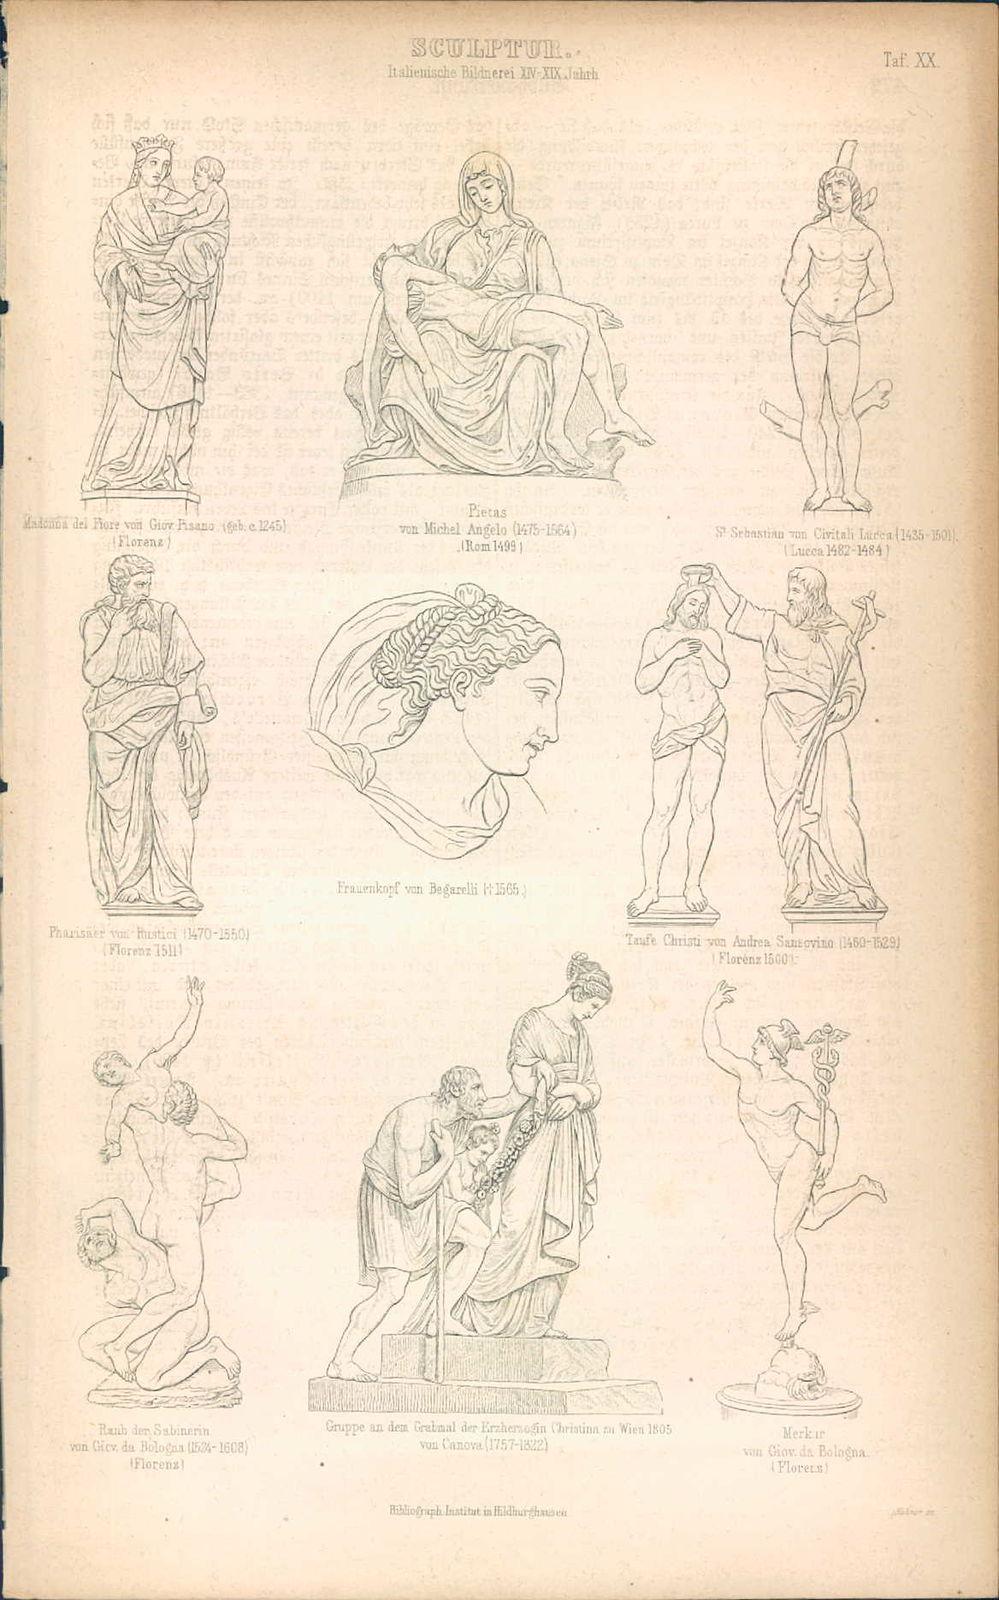 KD4646 - Stich Druck - 1871 - Sculptur italienische Bildnerei XIV - XIX Jahrhundert 9 Ansichten